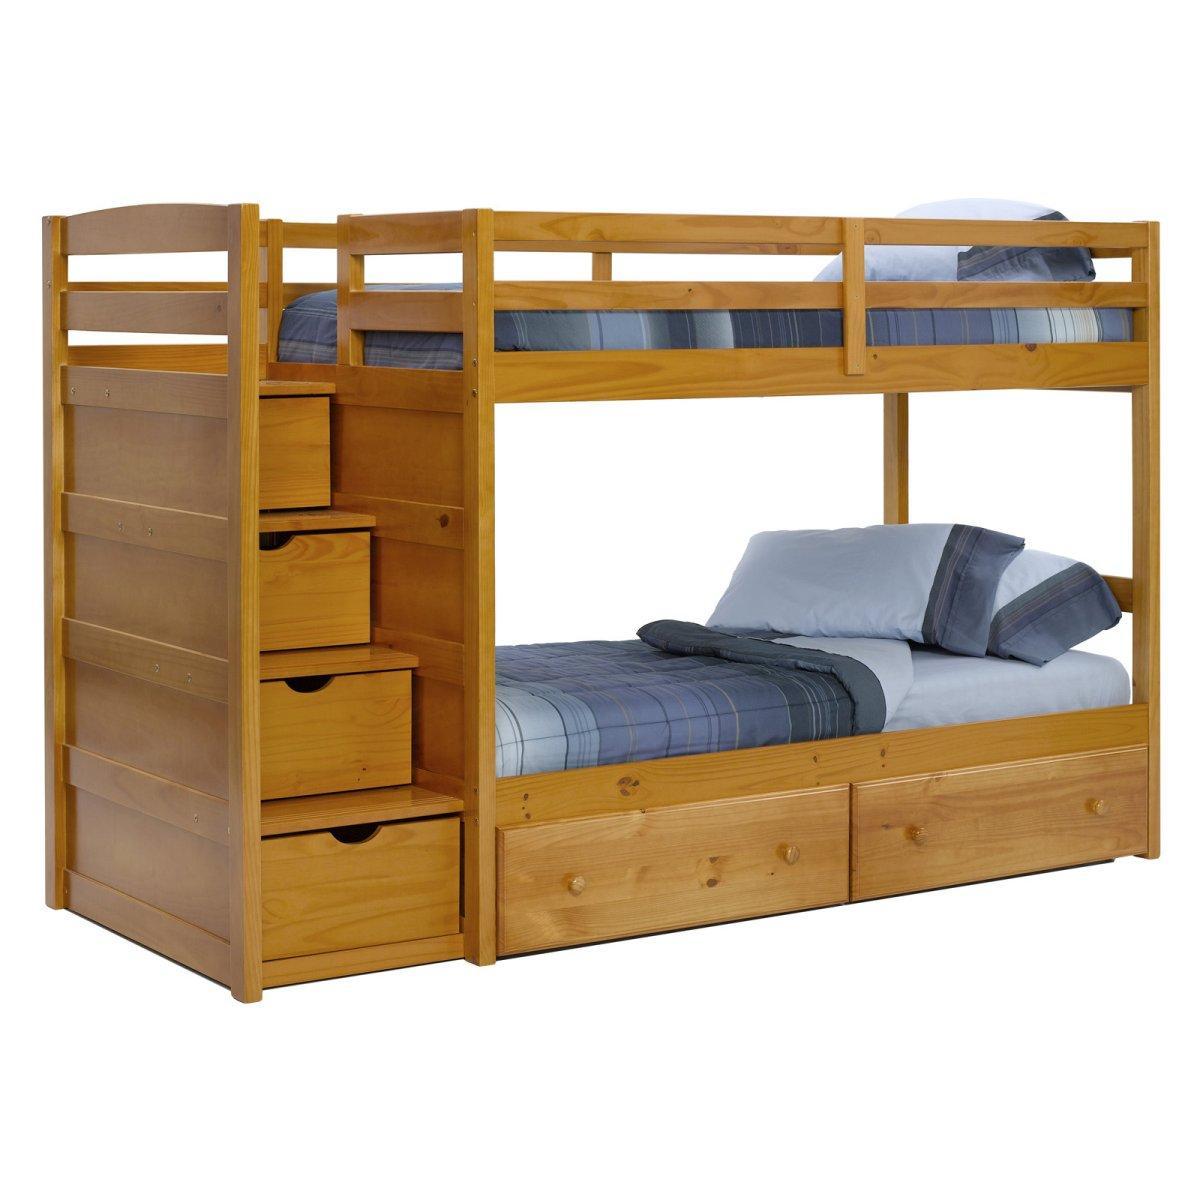 Деревянная двухъярусная кровать для детской комнаты